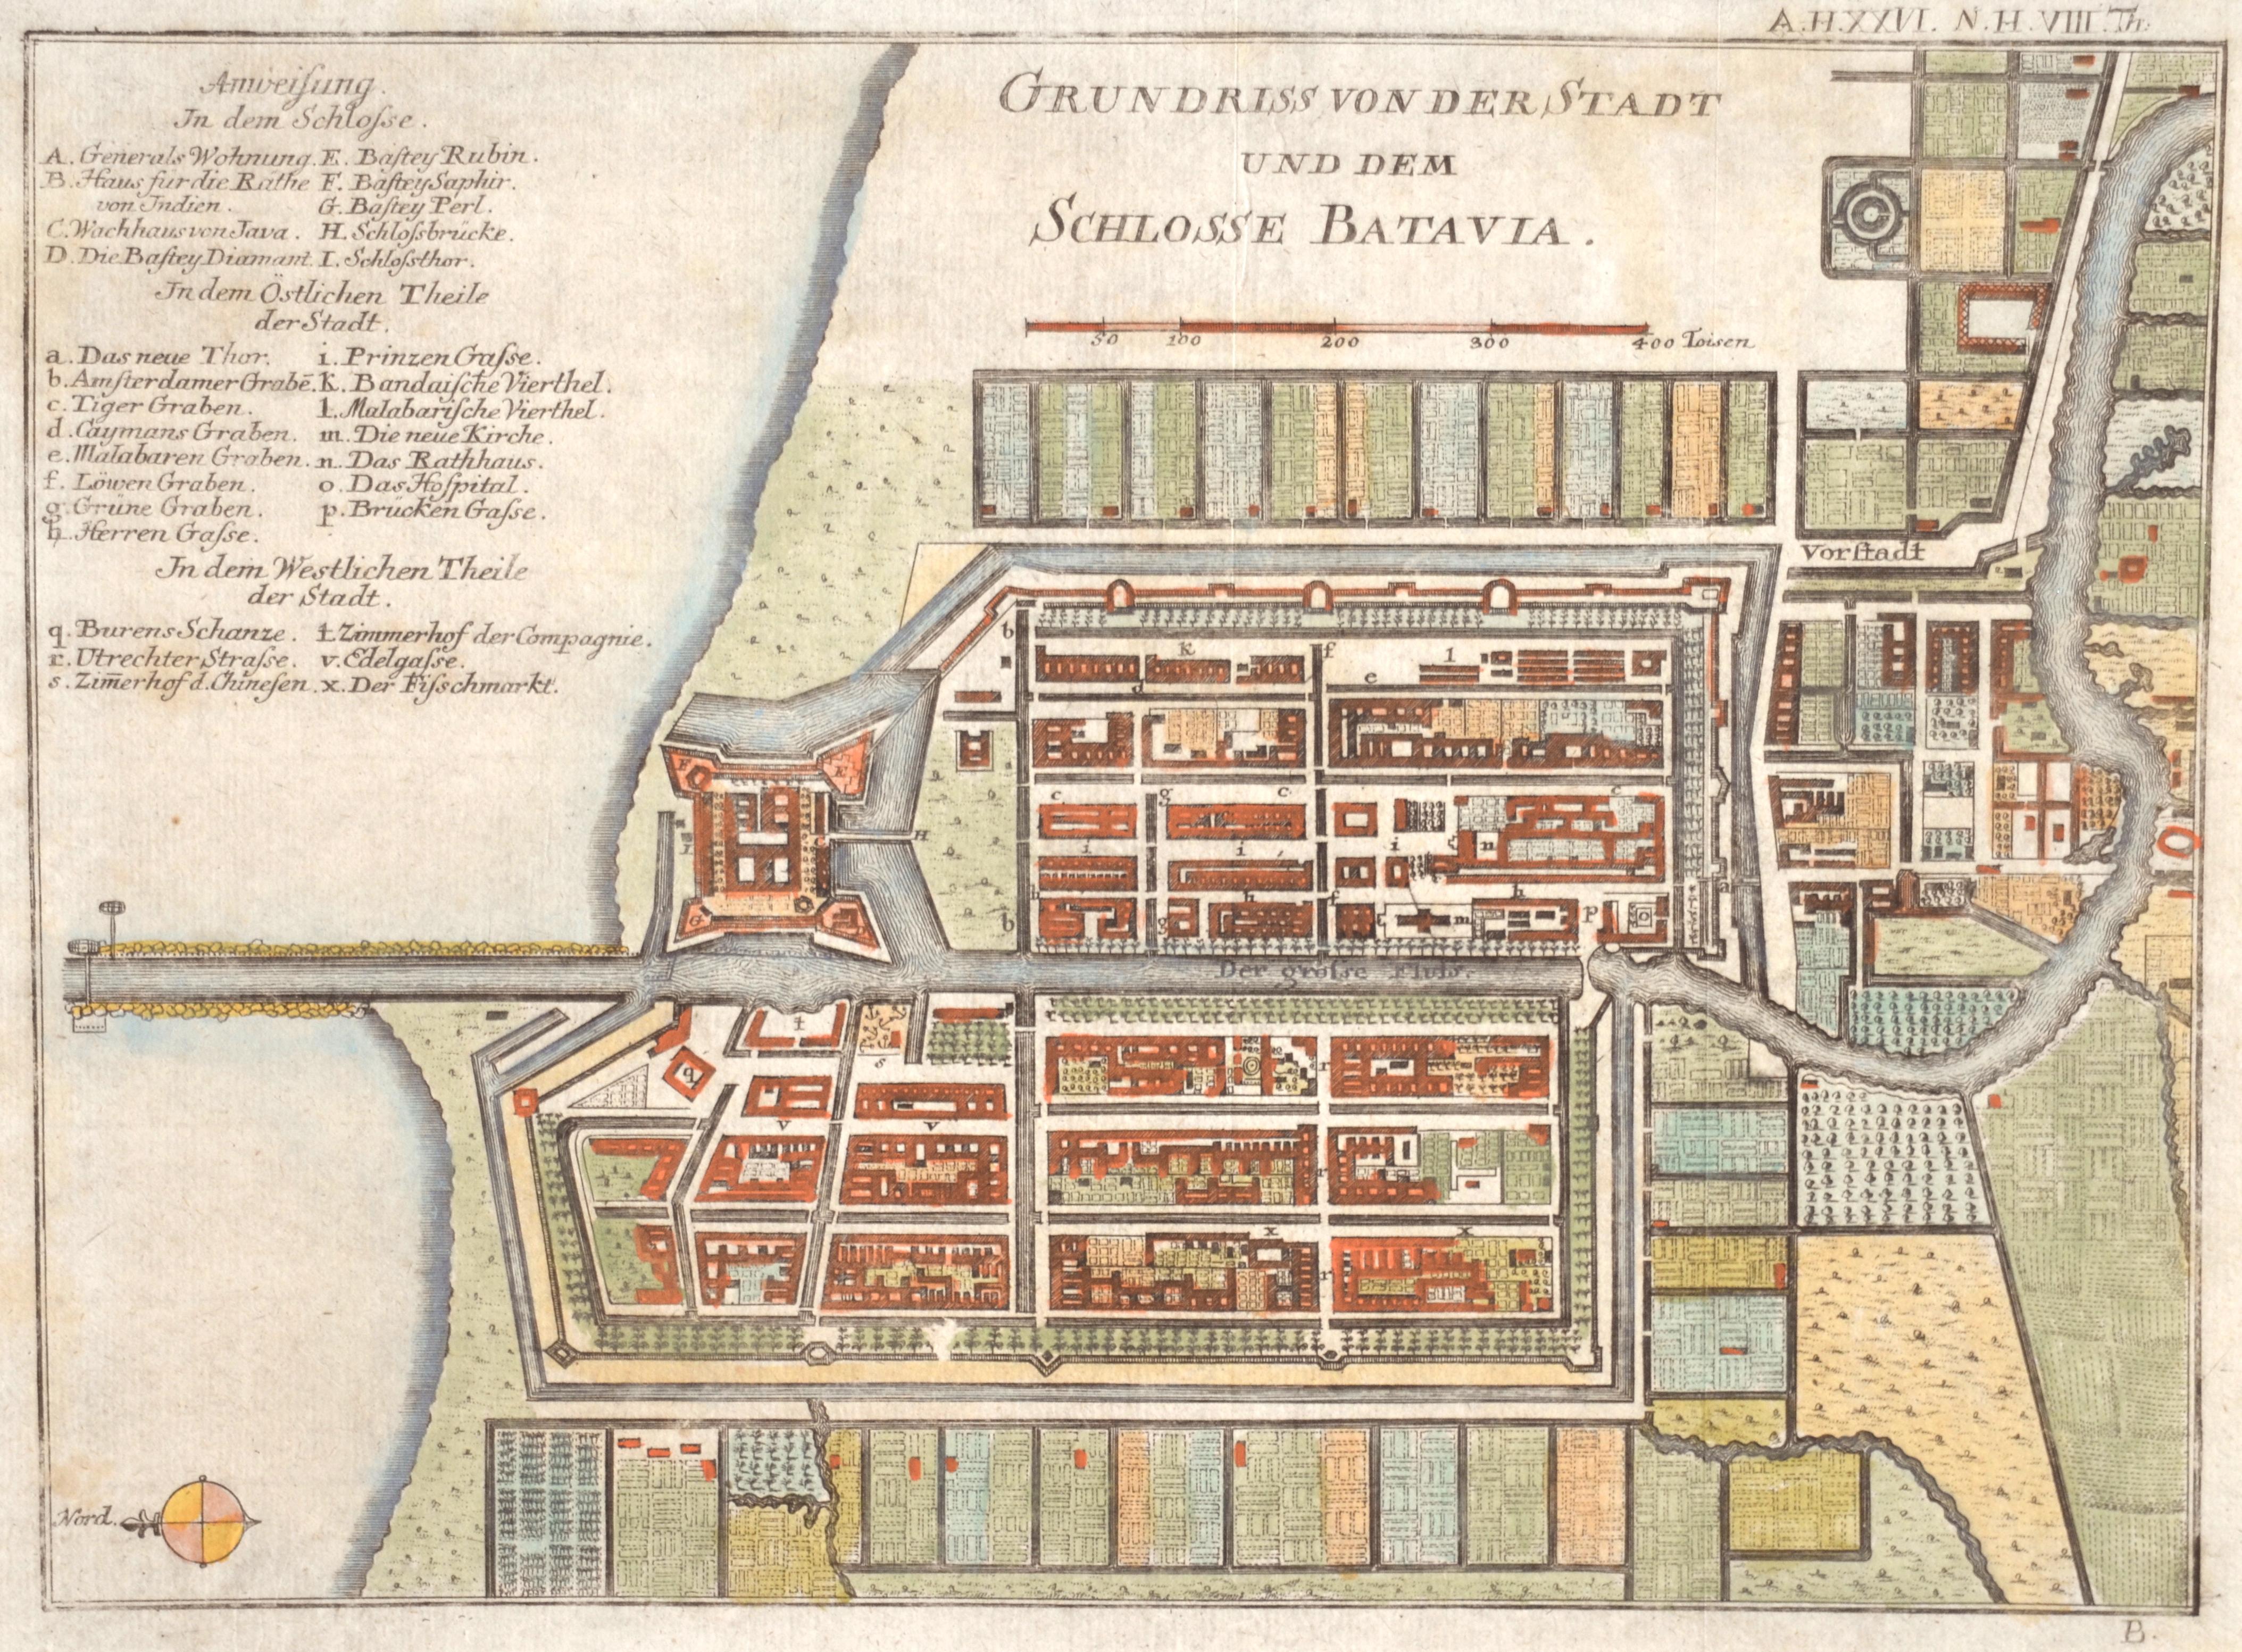 Baumgarten/Semler  Grundriss von der Stadt und dem Schlosse Batavia